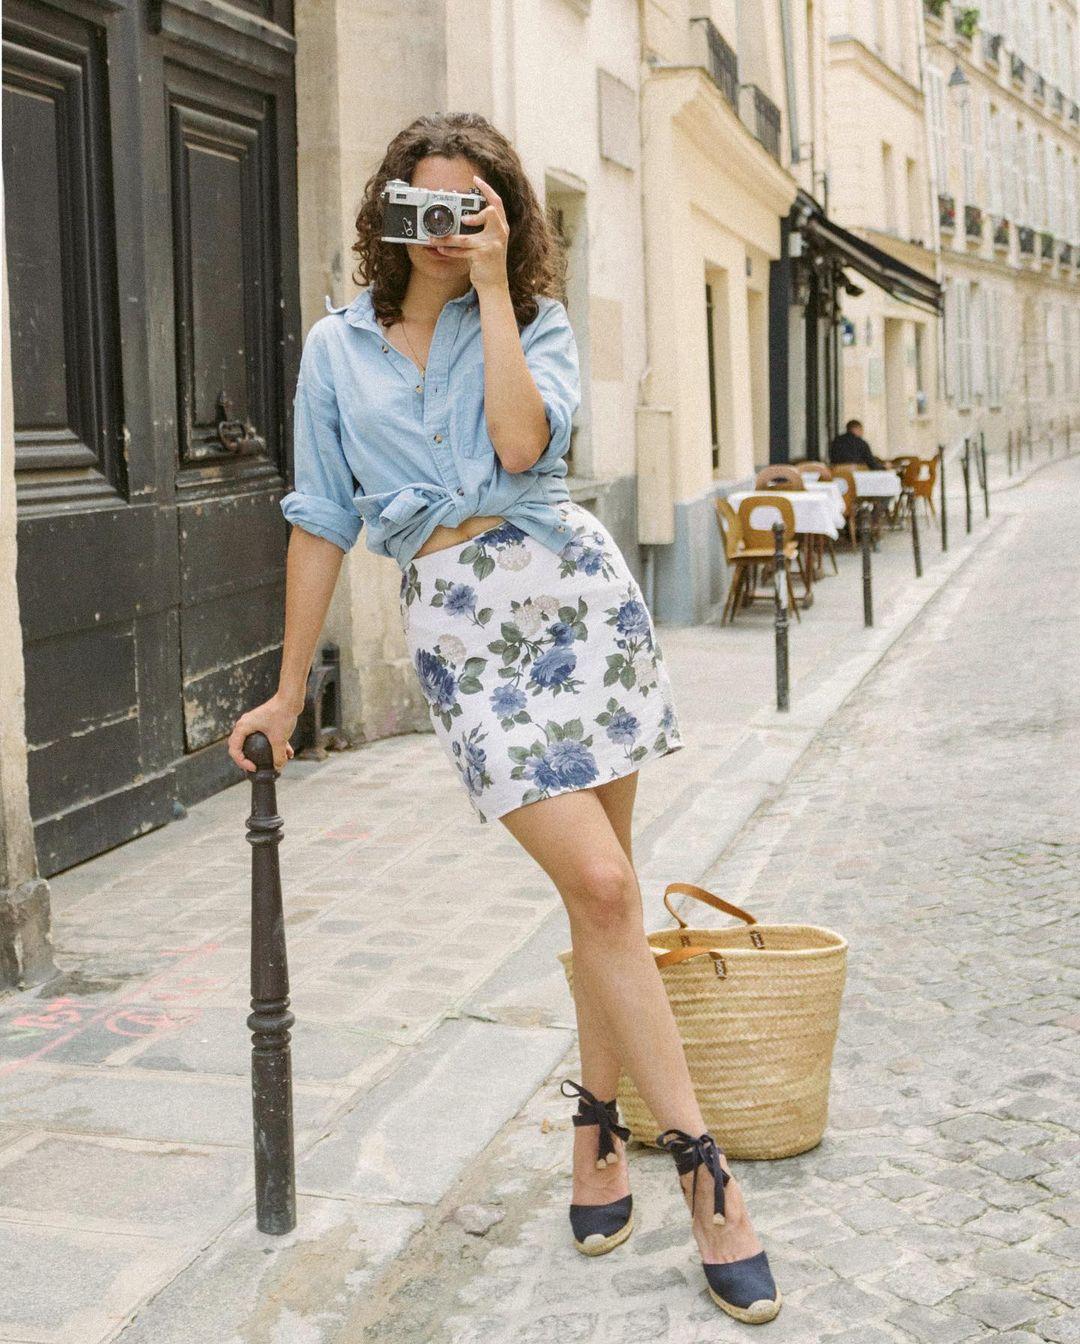 Quý cô người Pháp có style chuẩn nàng thơ: Không thể sống thiếu váy quấn, diện đồ 'hoa lá hẹ' mà vẫn rất mực tinh tế - Ảnh 8